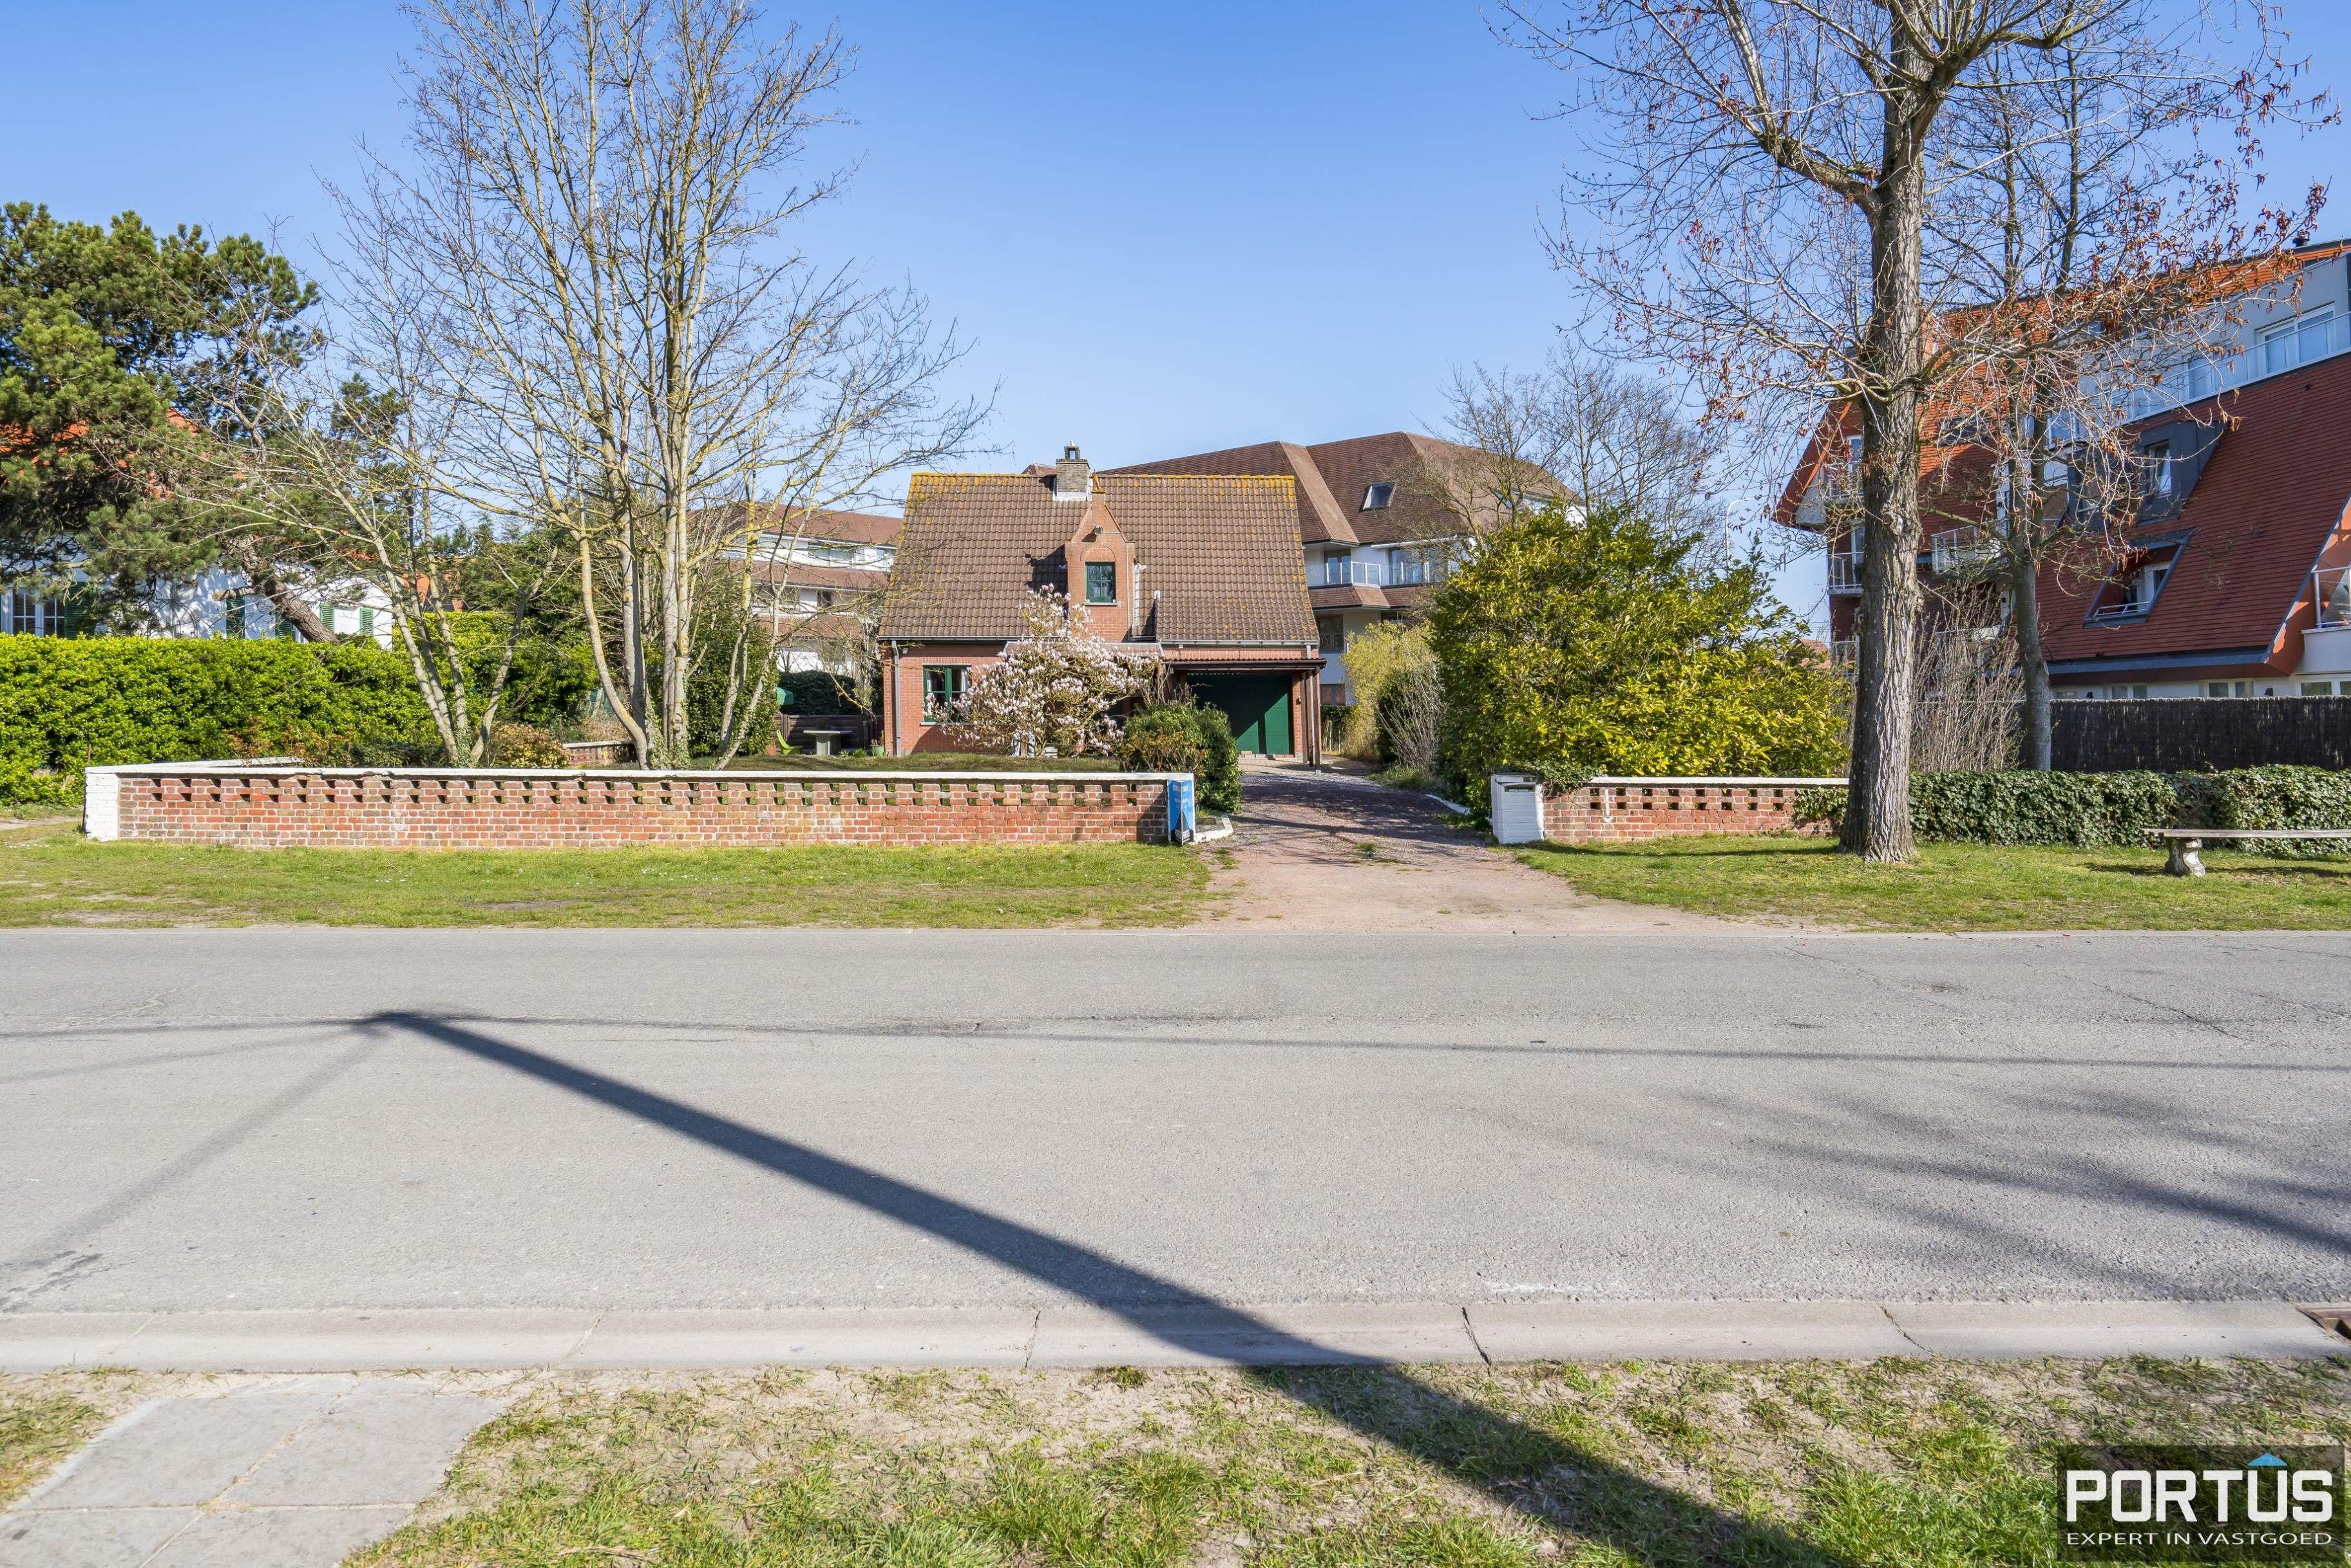 Villa te koop met 3 slaapkamers te Nieuwpoort - 13095